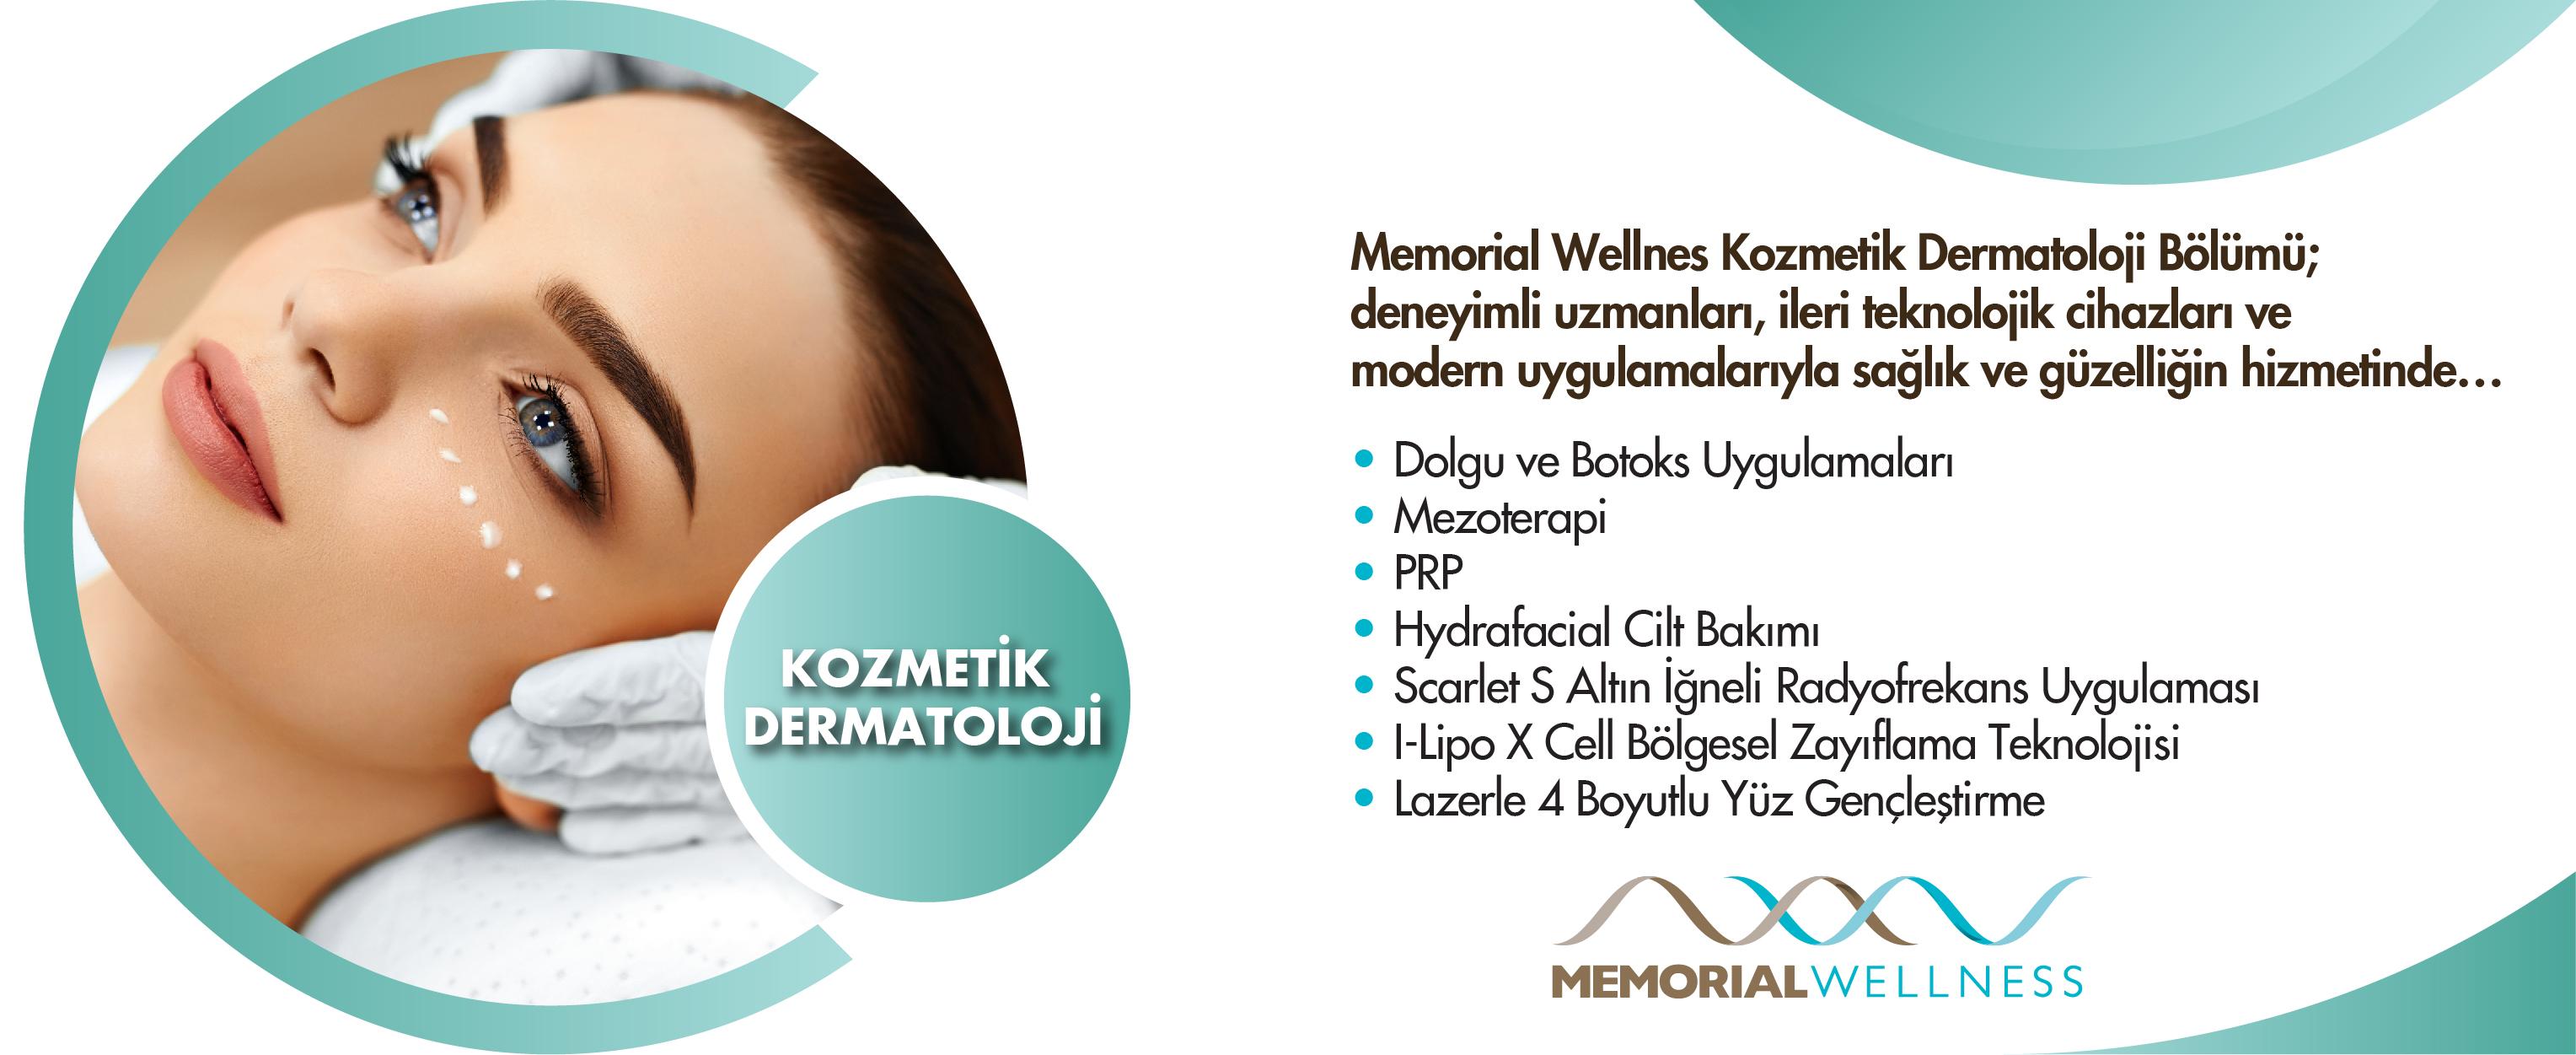 Kozmetik dermatoloji